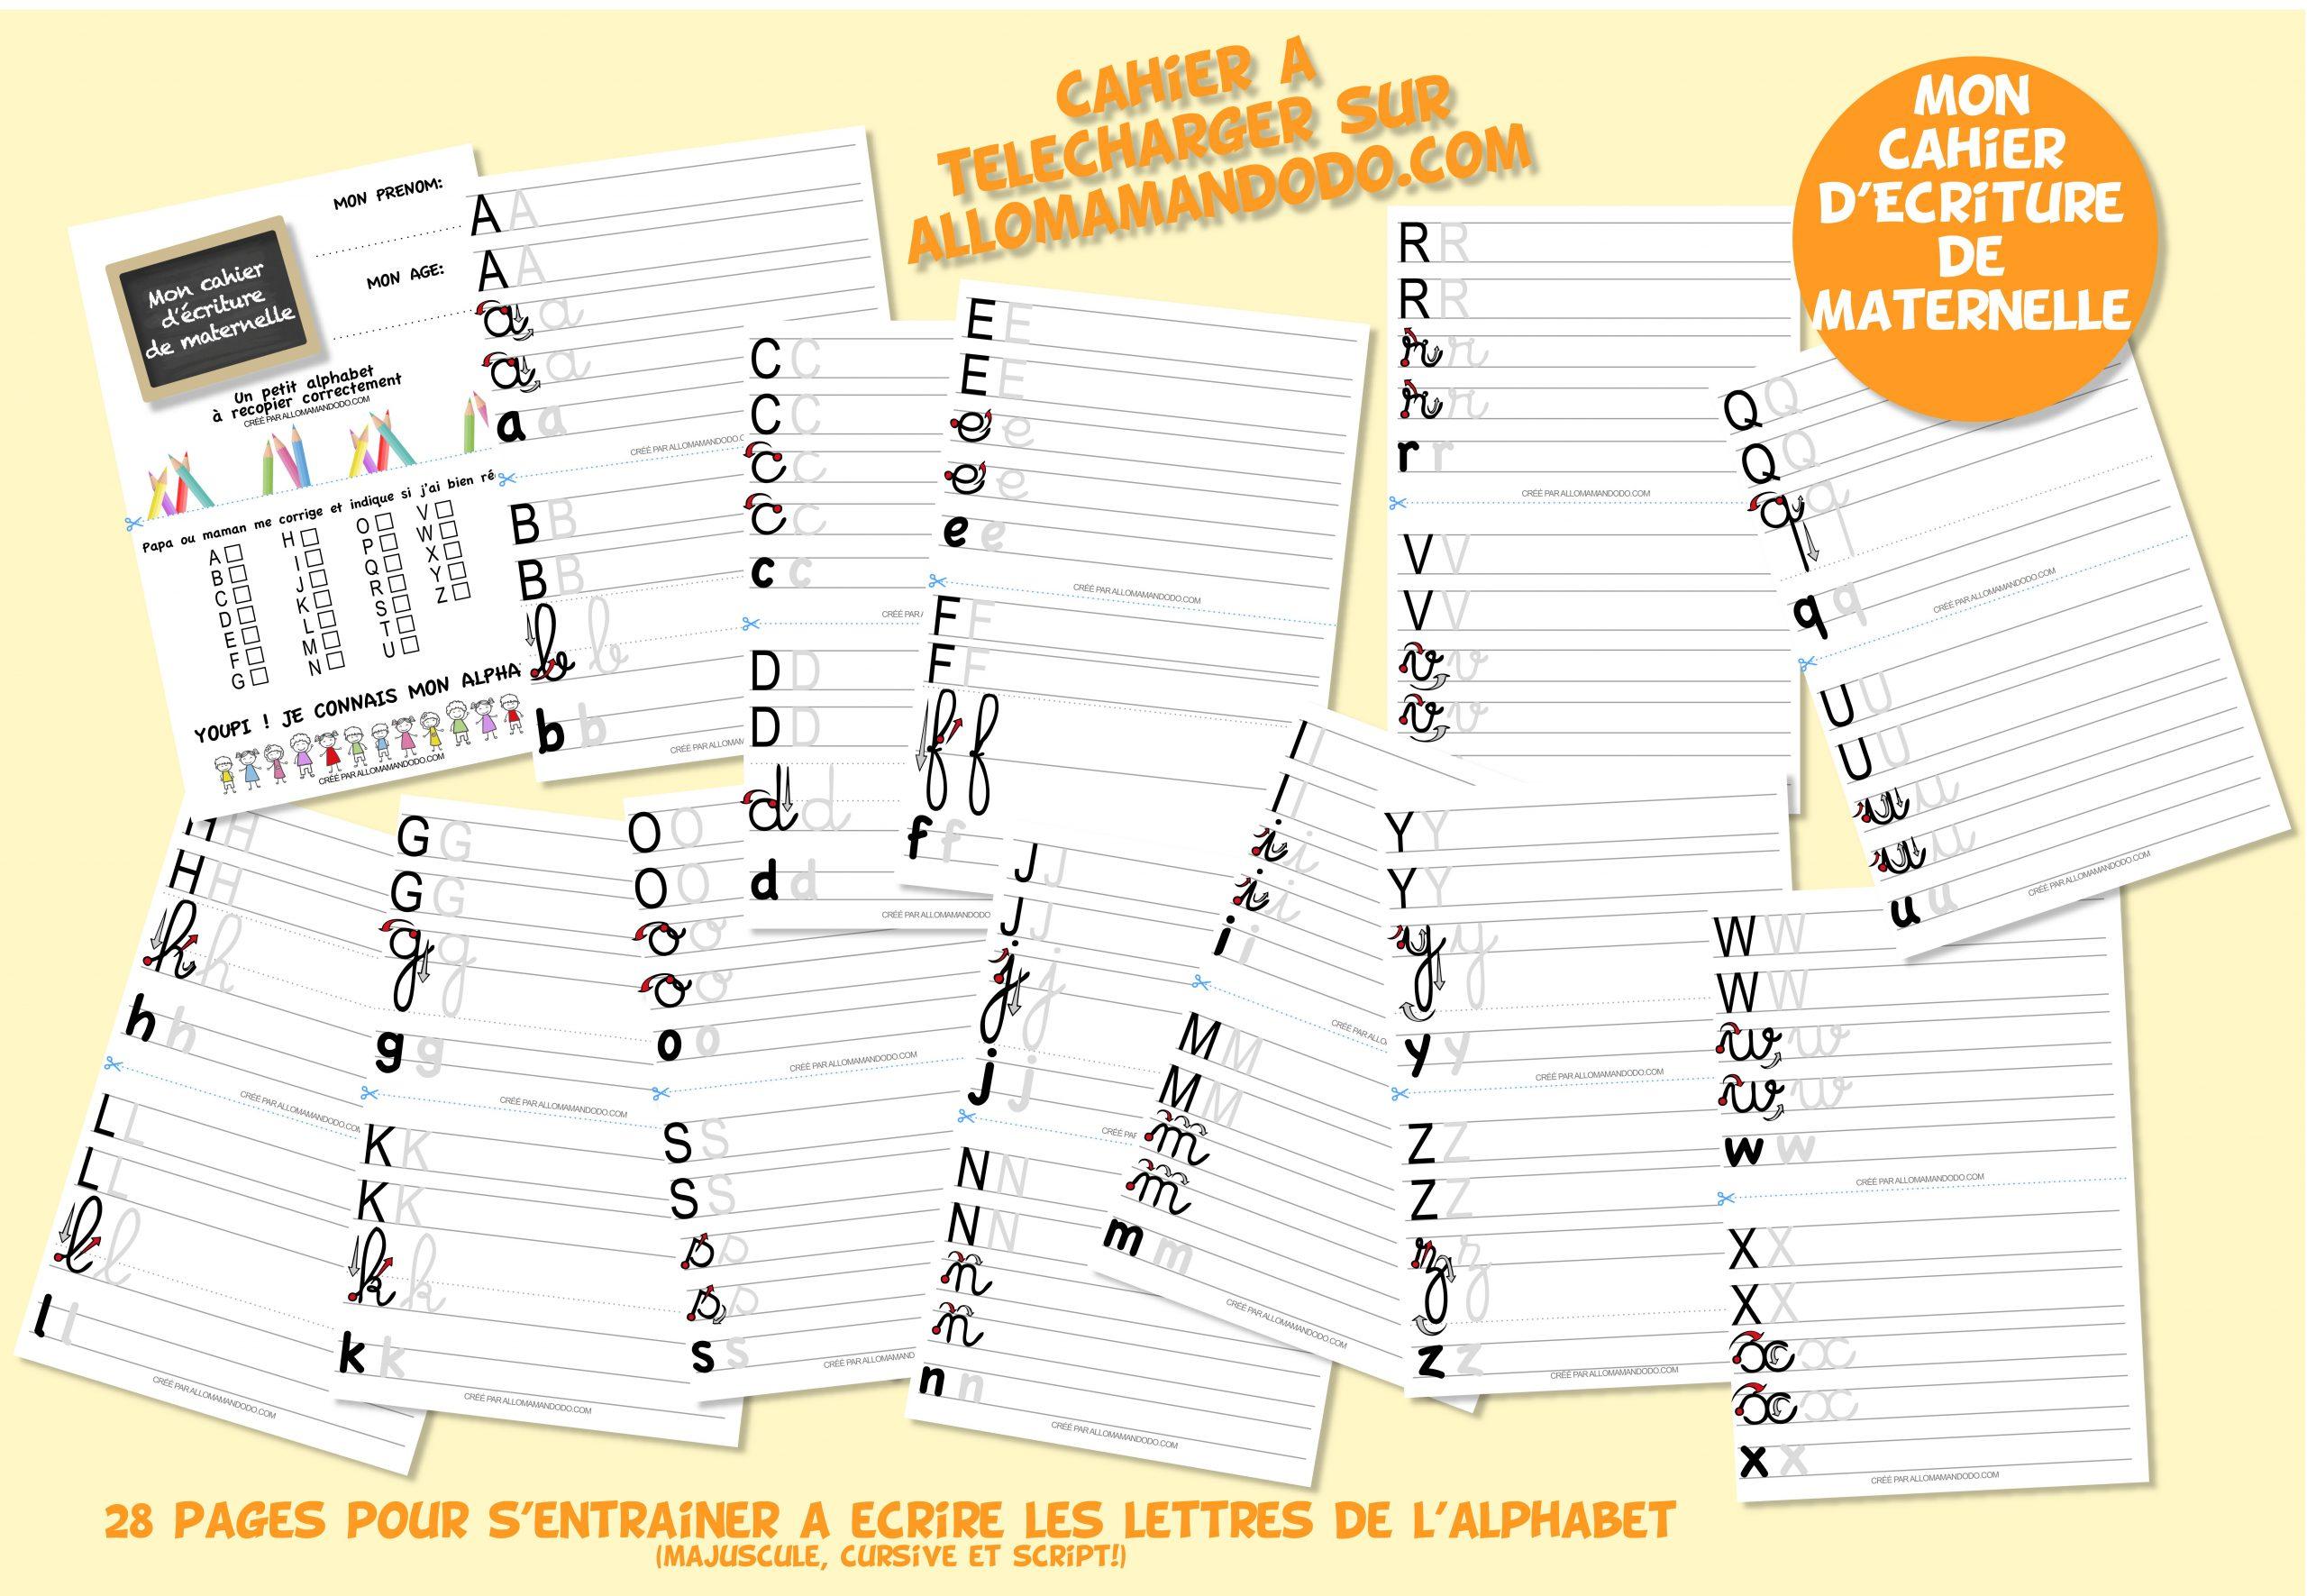 Le Cahier D'écriture De Maternelle À Télécharger ( Gratuit encequiconcerne Fiche D Ecriture Pour Maternelle A Imprimer